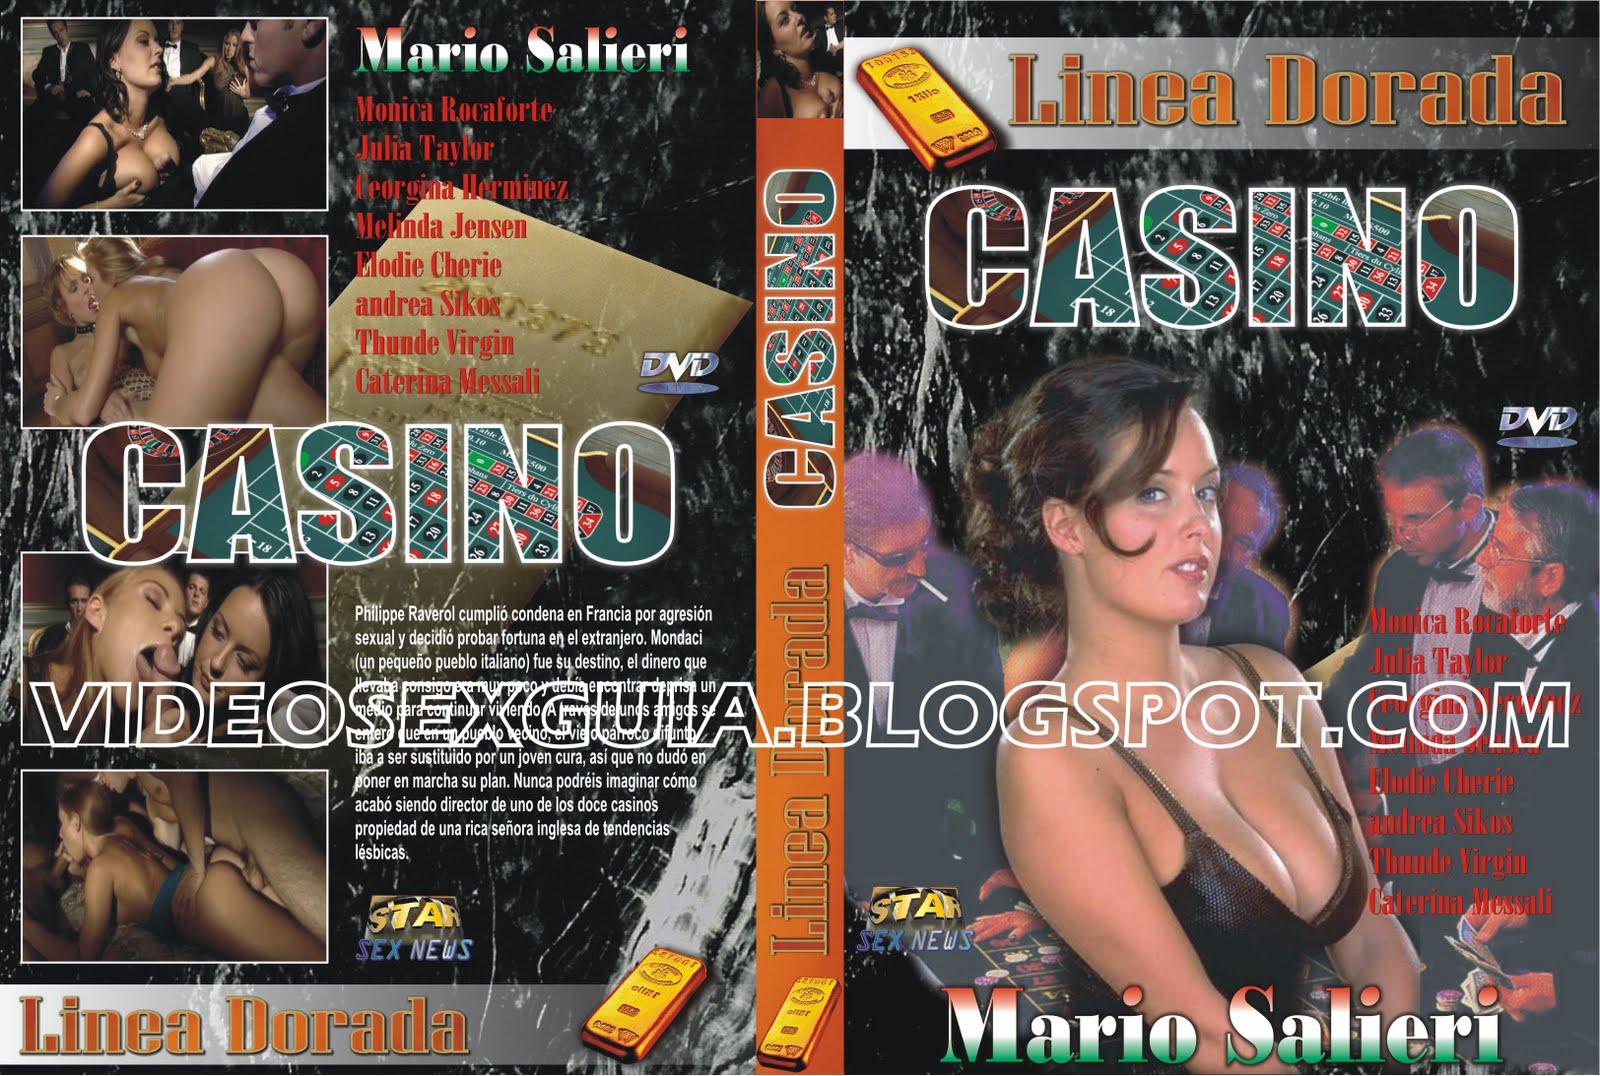 Director Mario Salieri Actores Monica Rocaforte Julia Taylor Ceina